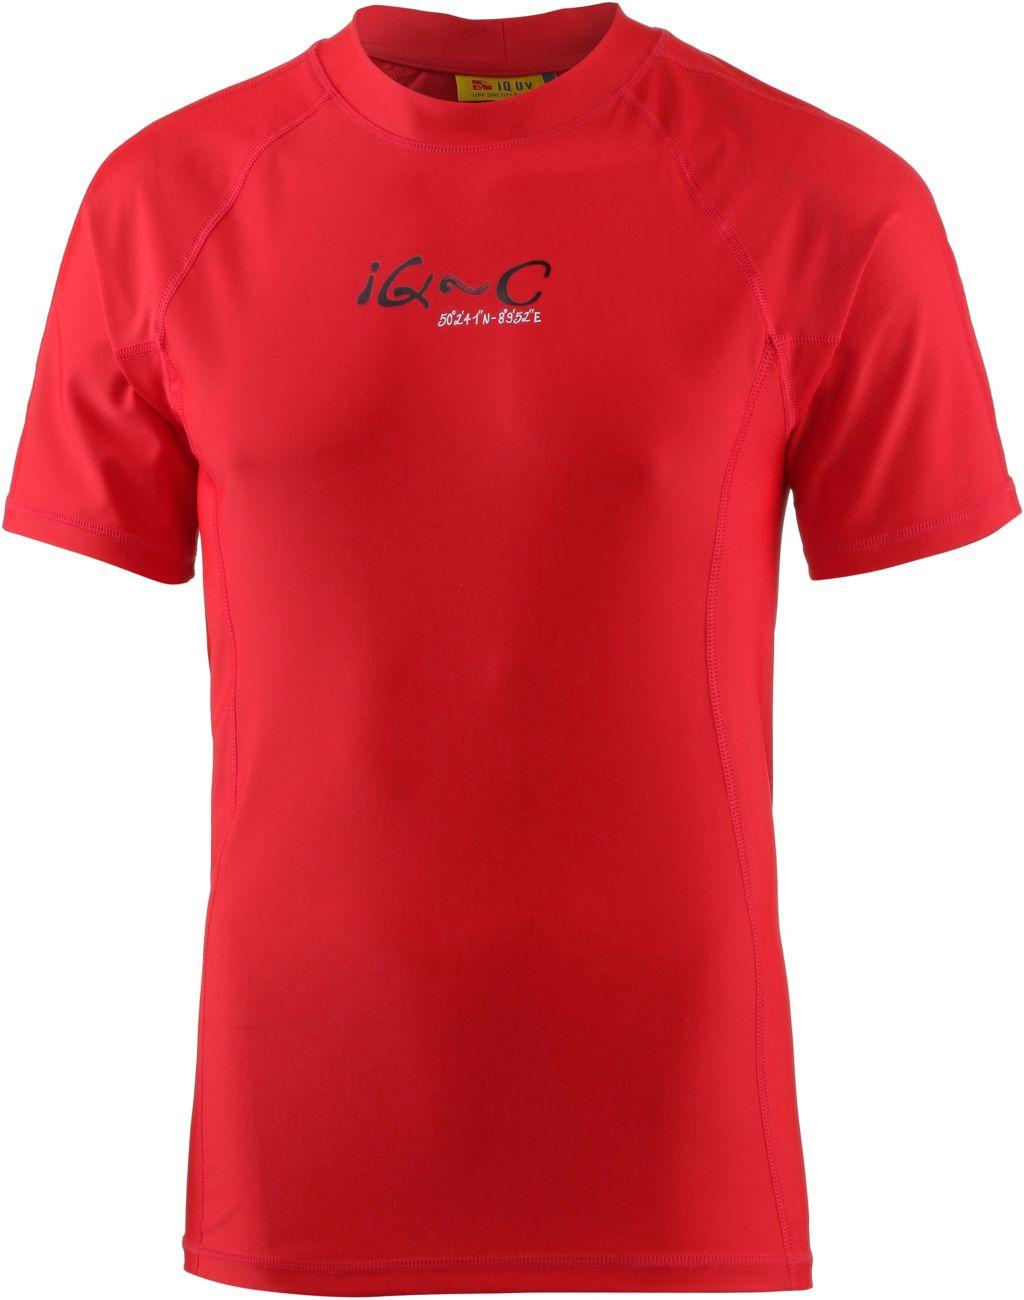 Surf Shirt Herren in rot, Größe XL